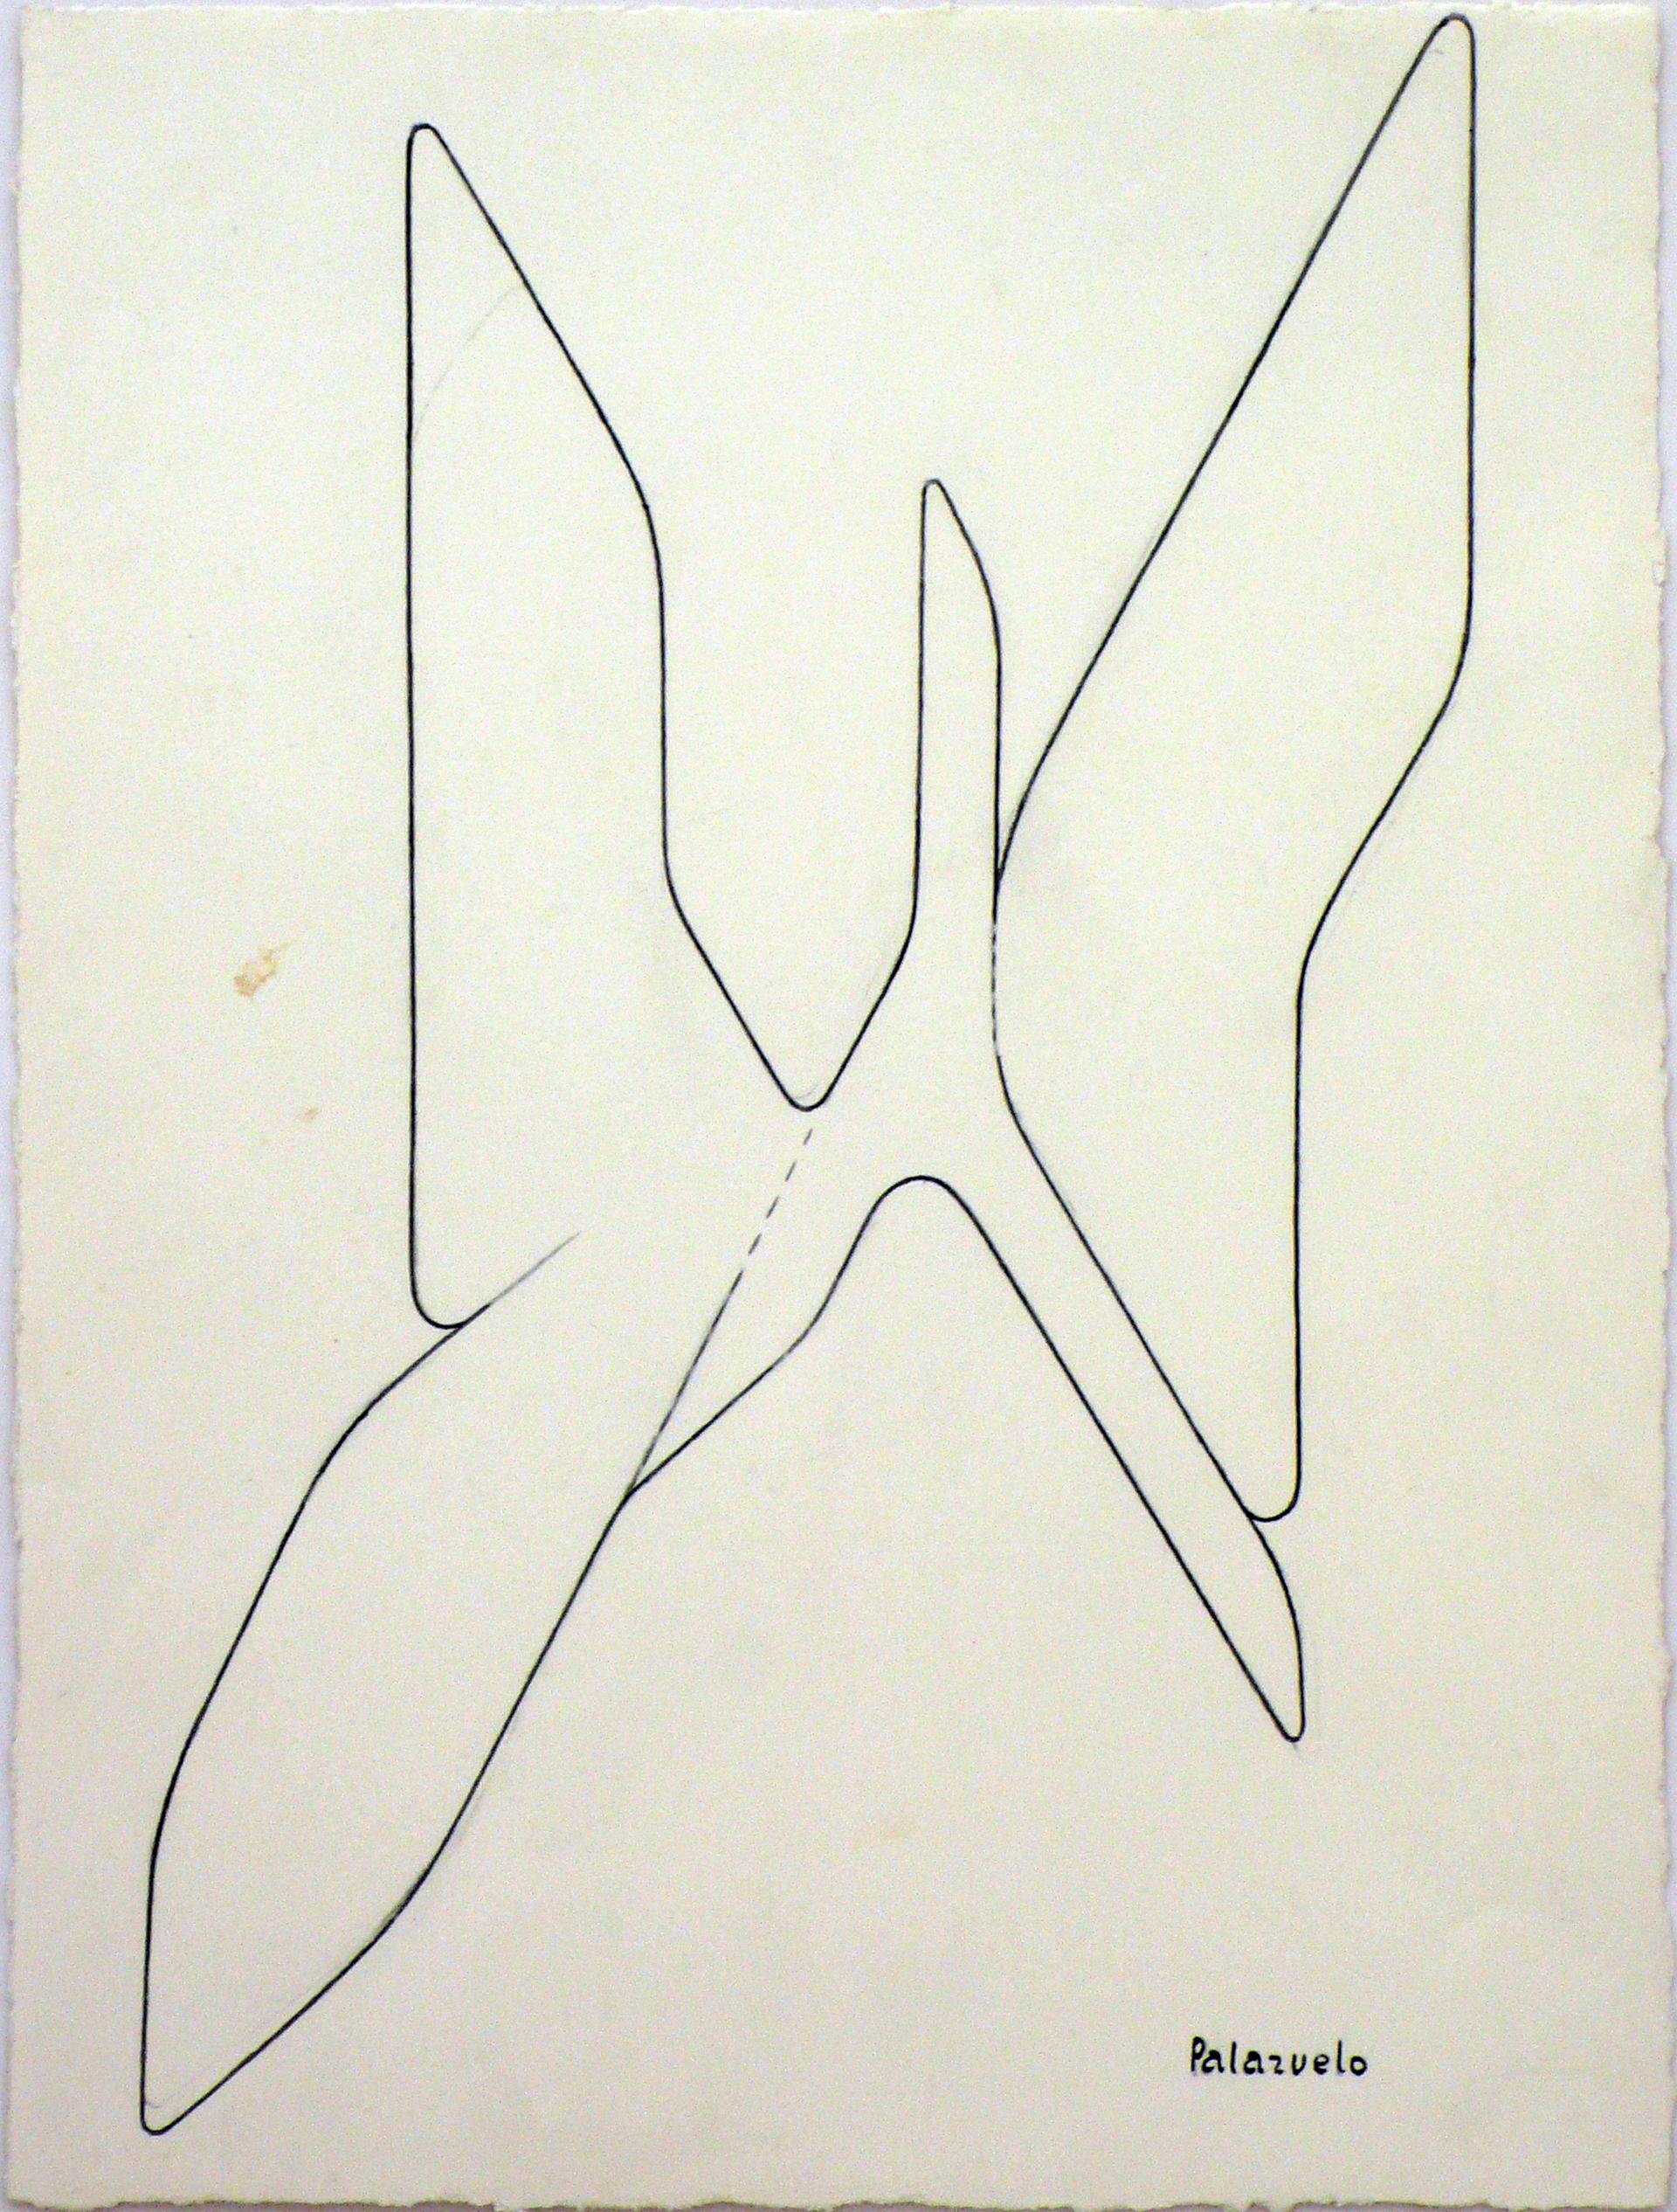 """Dibujo """"Boceto para la escultura Elán formé"""" de Pablo Palazuelo. Lápiz sobre pap"""